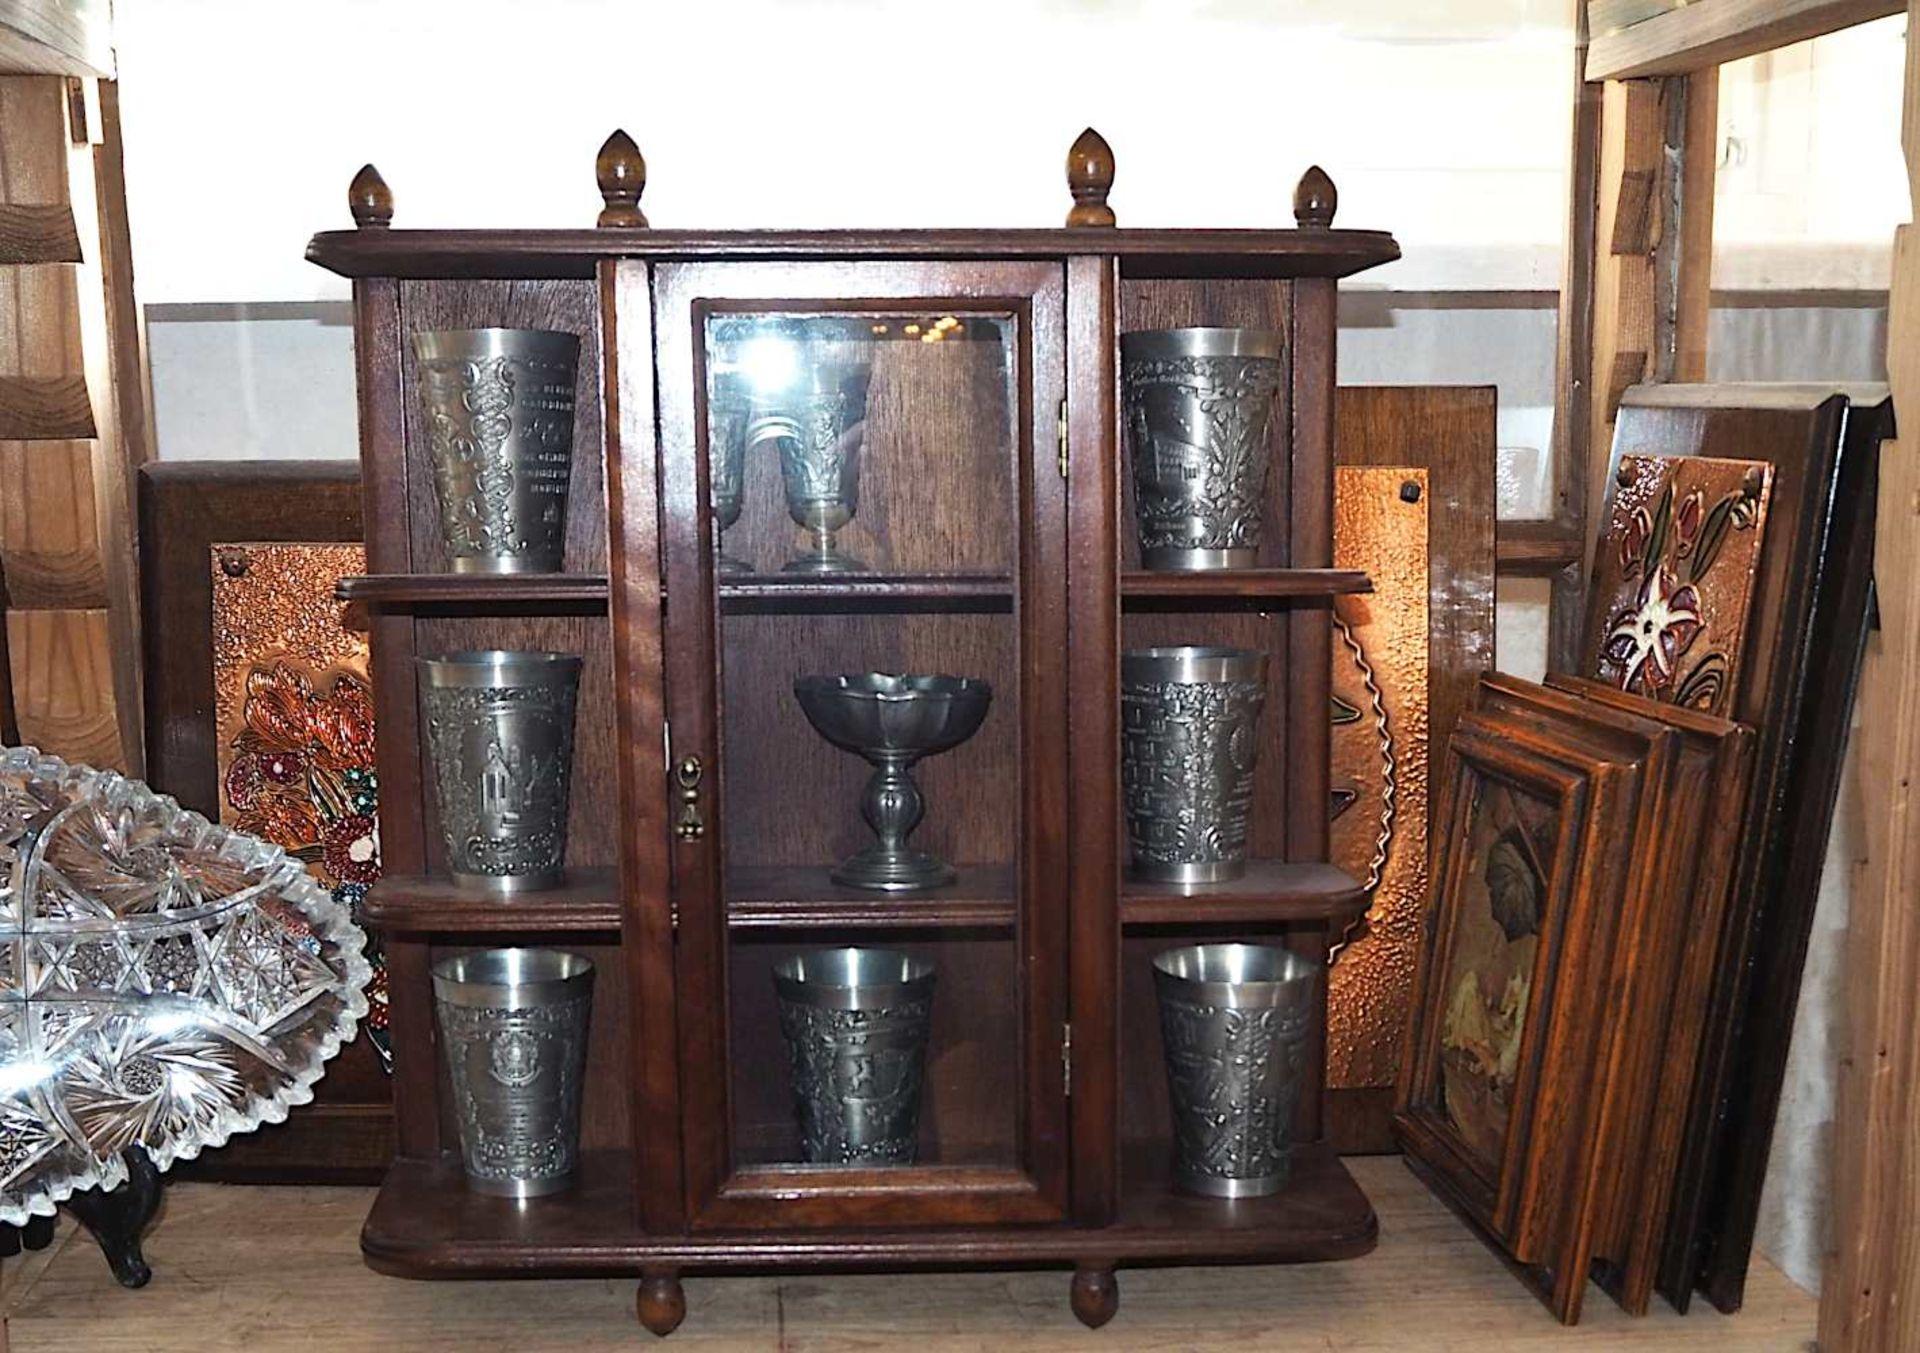 1 Konv. Messing-/Kupferobjekte nztl.: Kannen, Töpfe, Tischaufsätze, Schreibsets, u.a., bis H c - Bild 4 aus 8